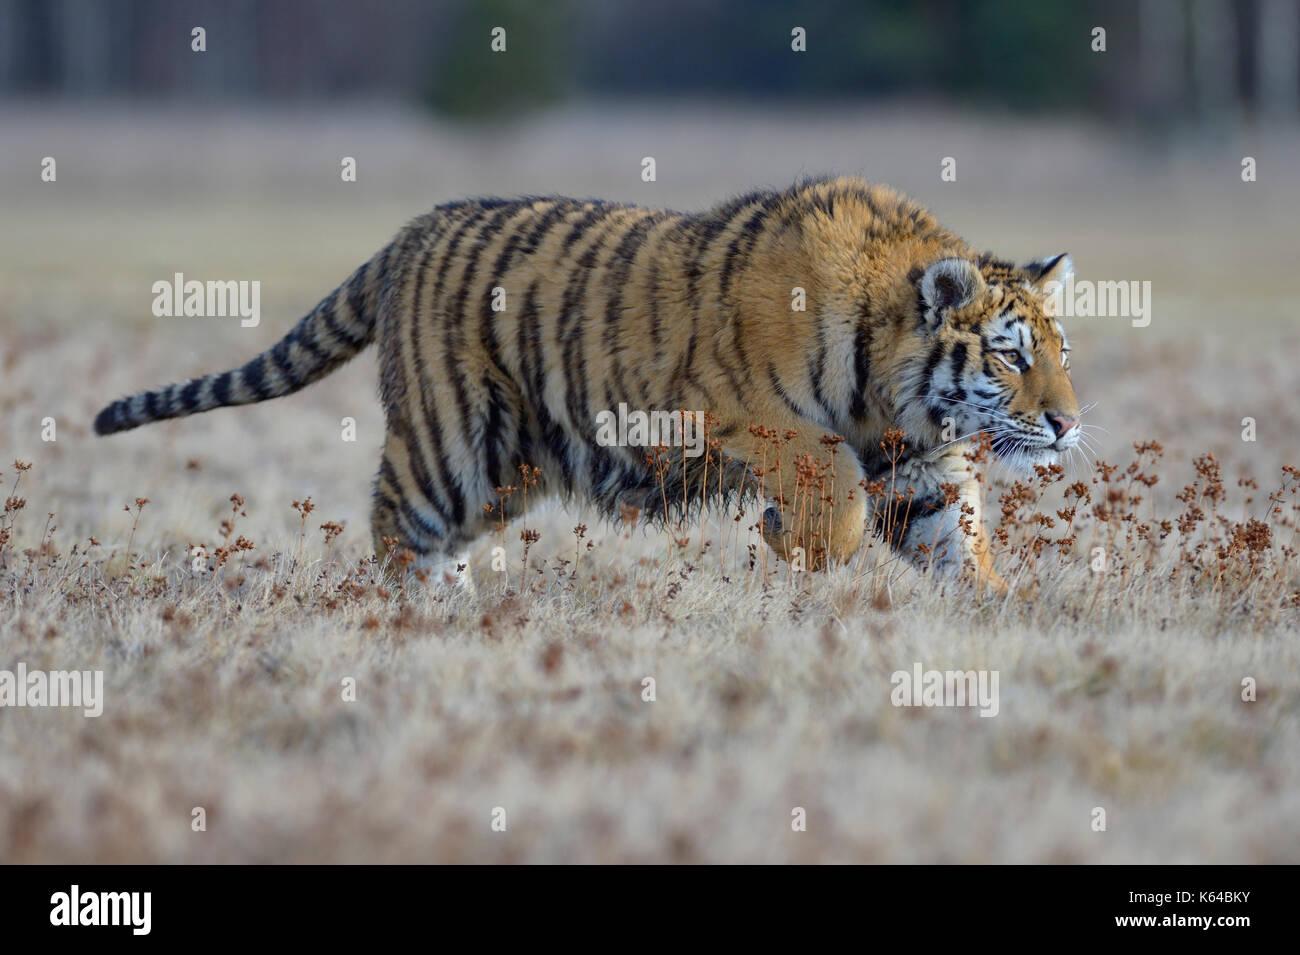 Sibirische Tiger (Panthera tigris altaica), in einem nahe gelegenen Wiese, Captive, Mähren springen, Tschechische Republik Stockfoto